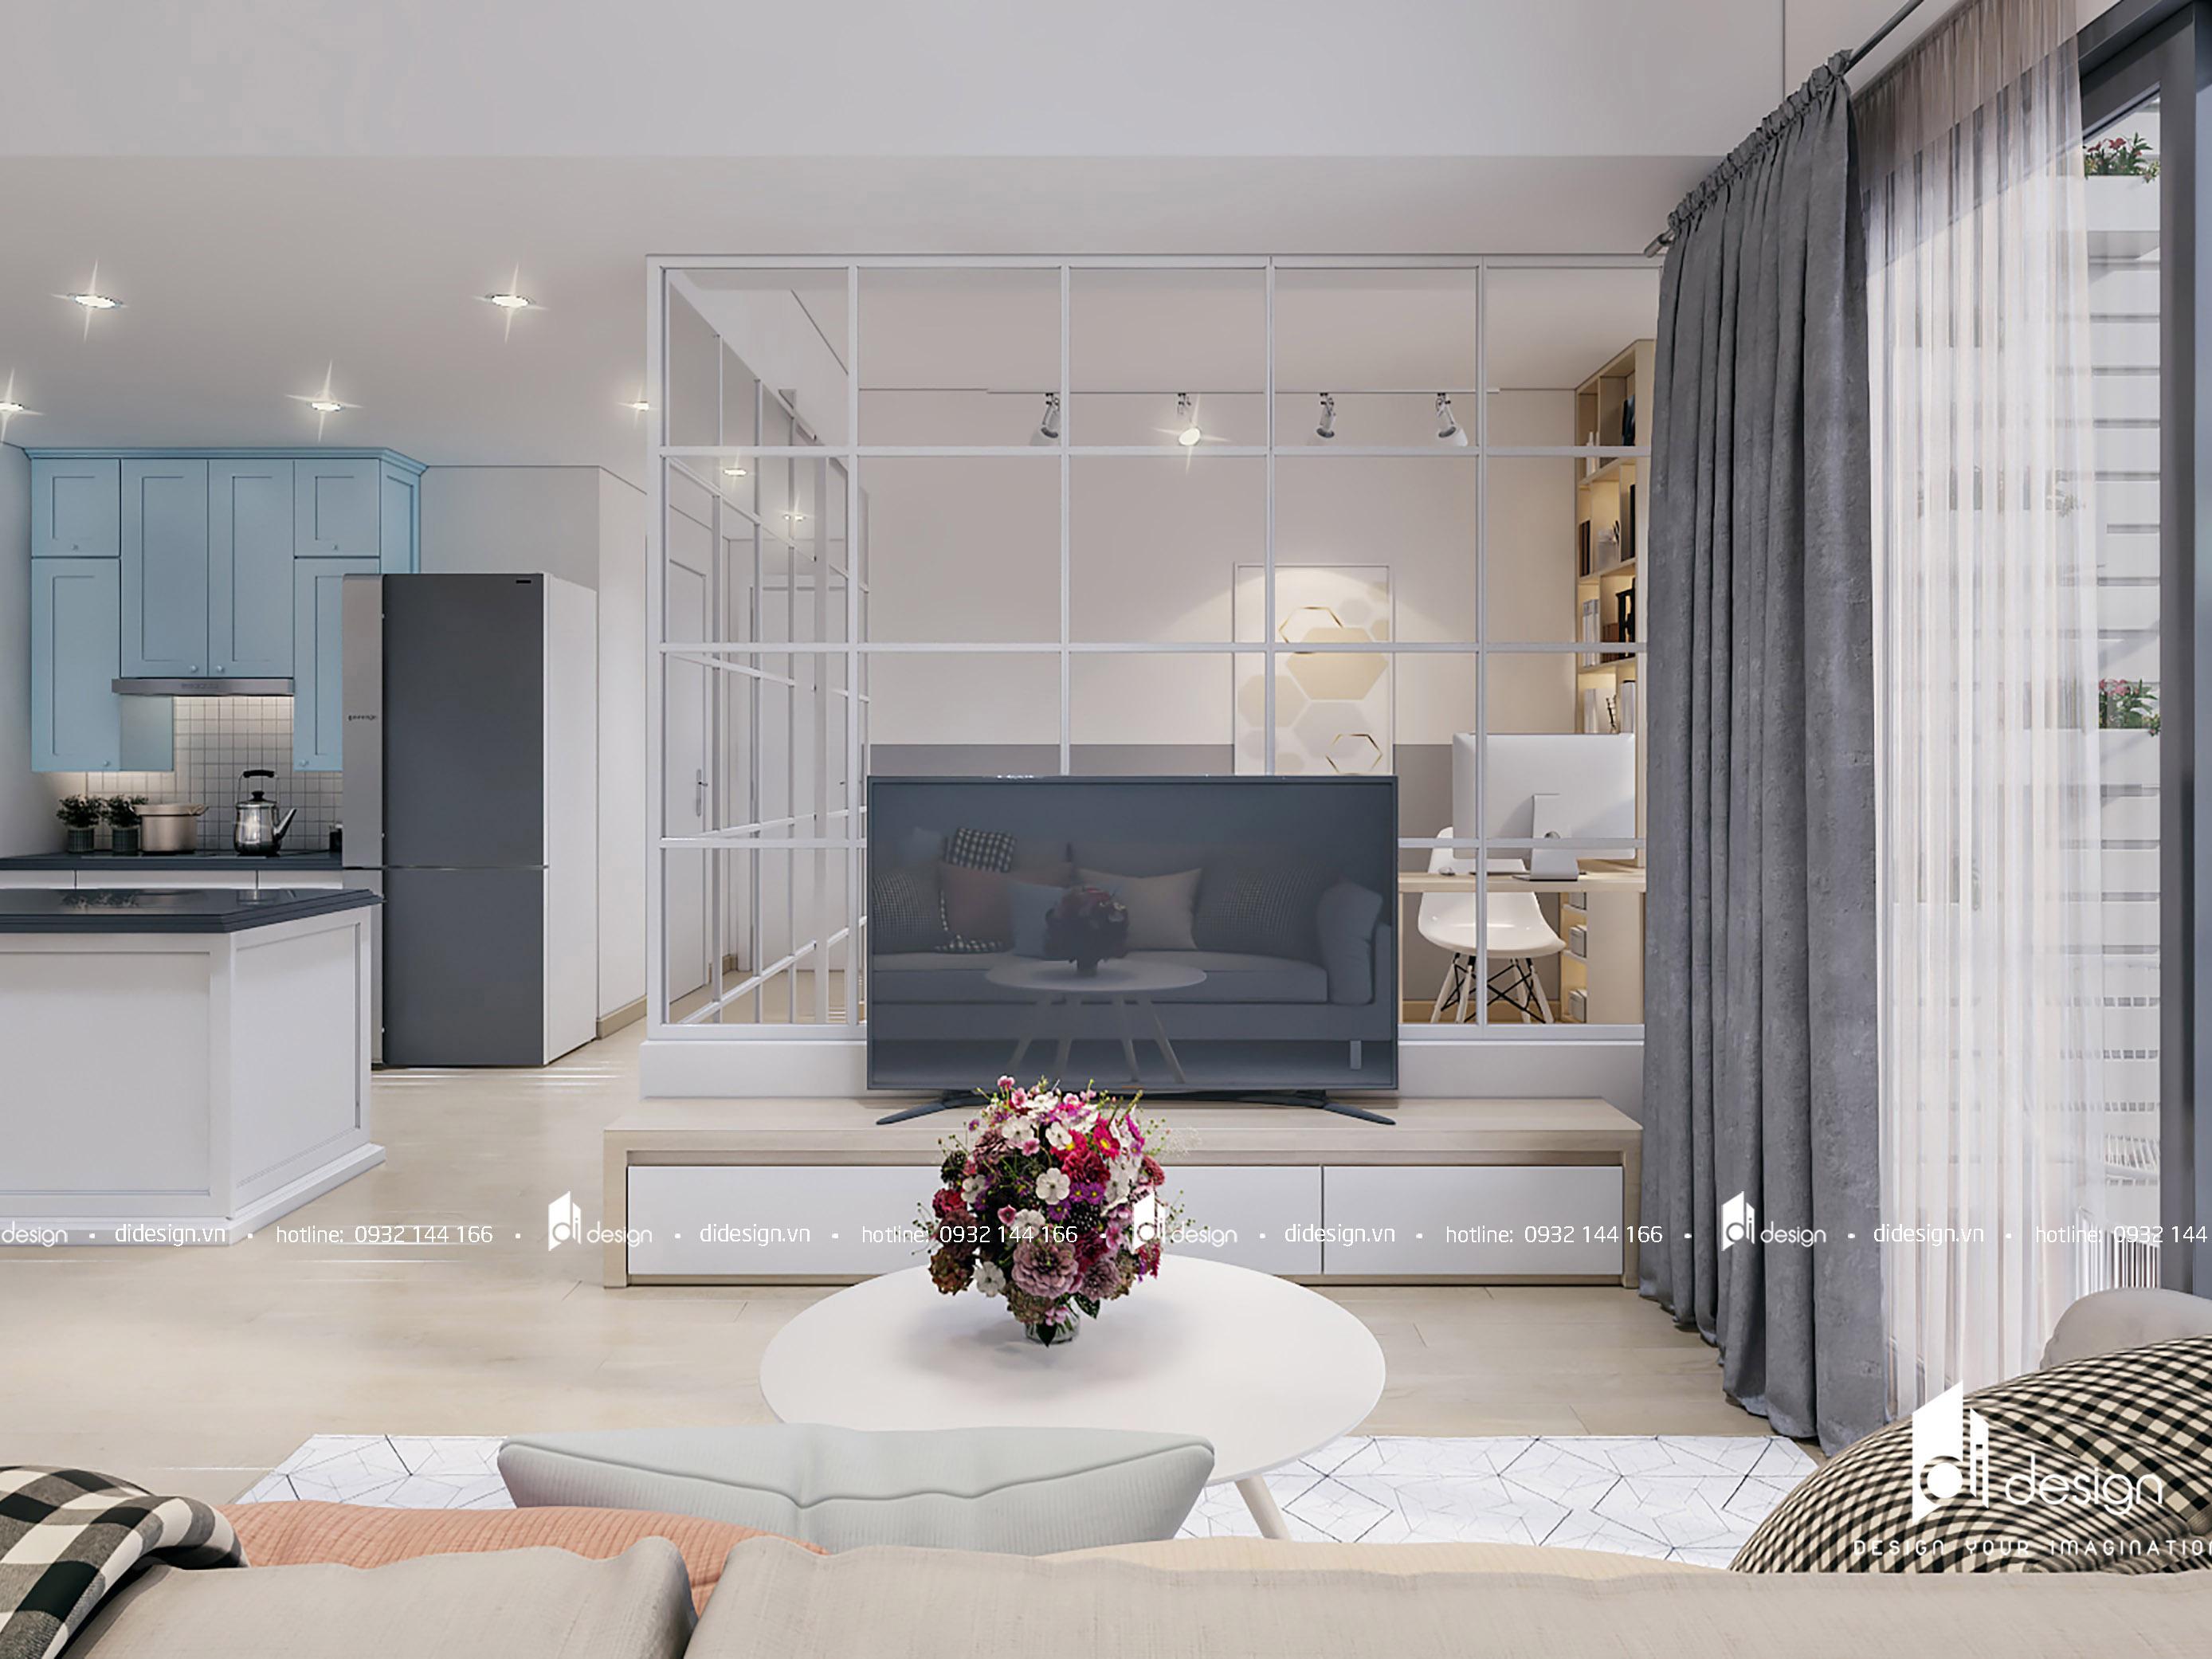 Thiết kế nội thất căn hộ Masteri Thảo Điền 90m2